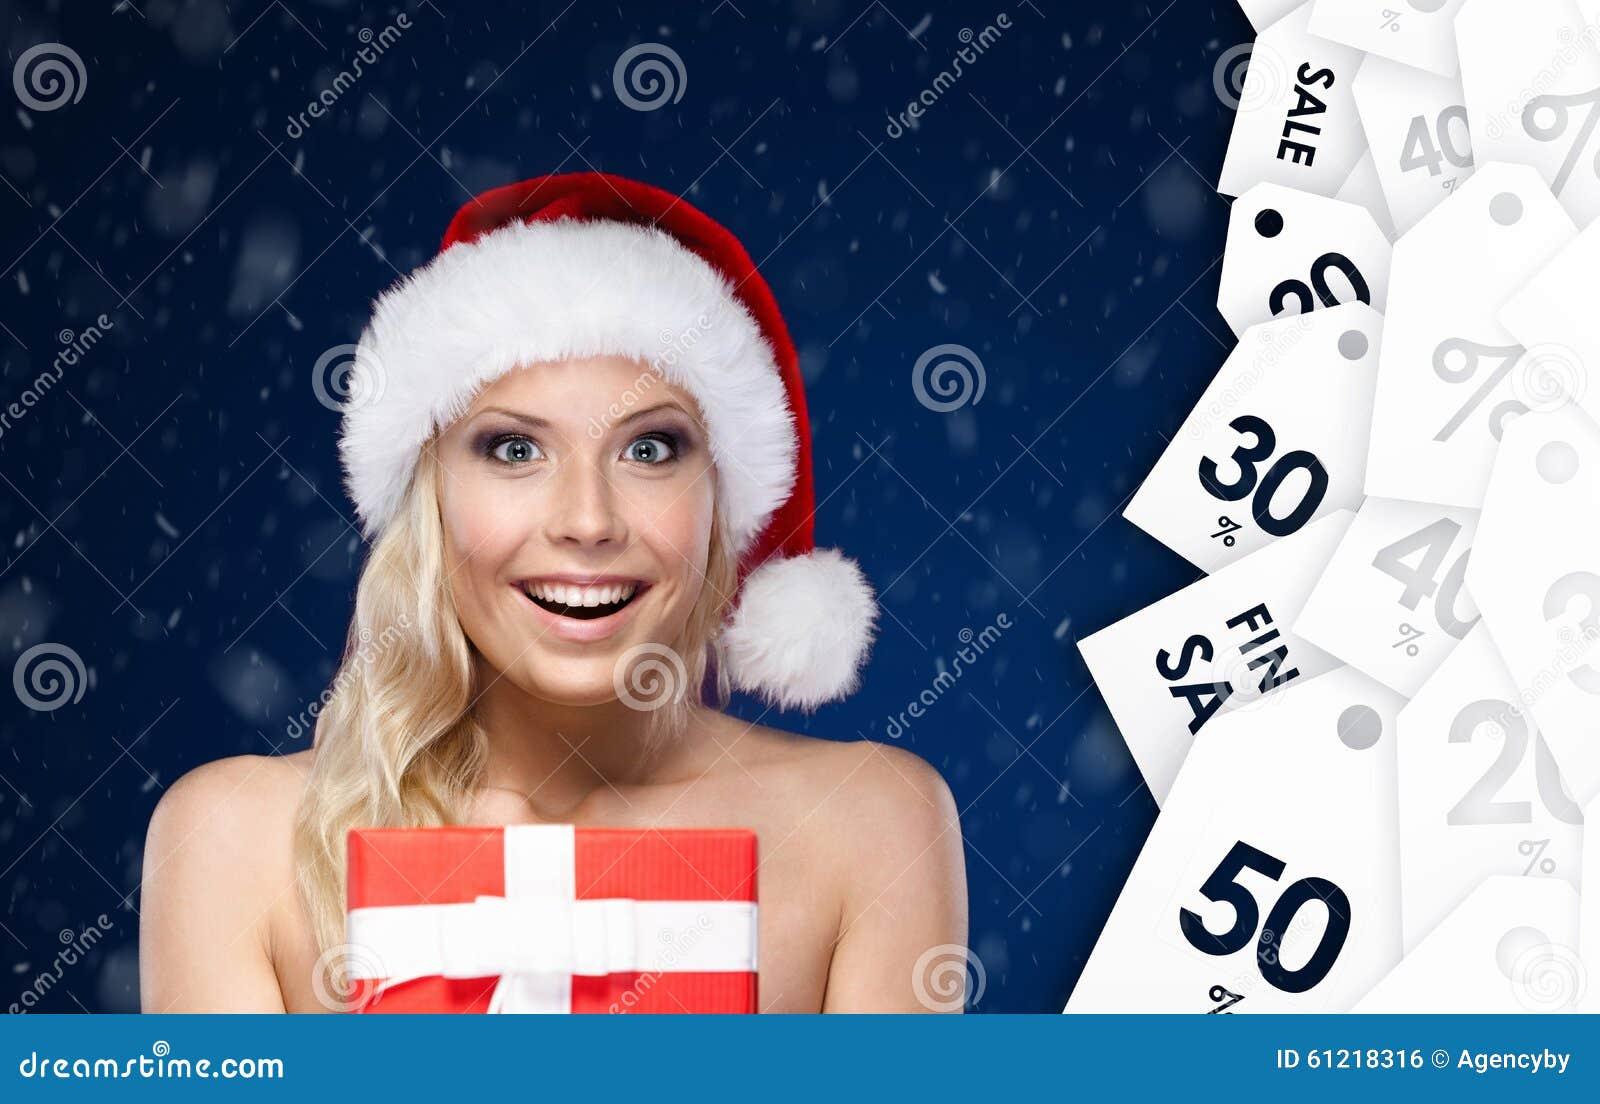 Милая женщина в крышке рождества вручает настоящий момент обернутый с красной бумагой